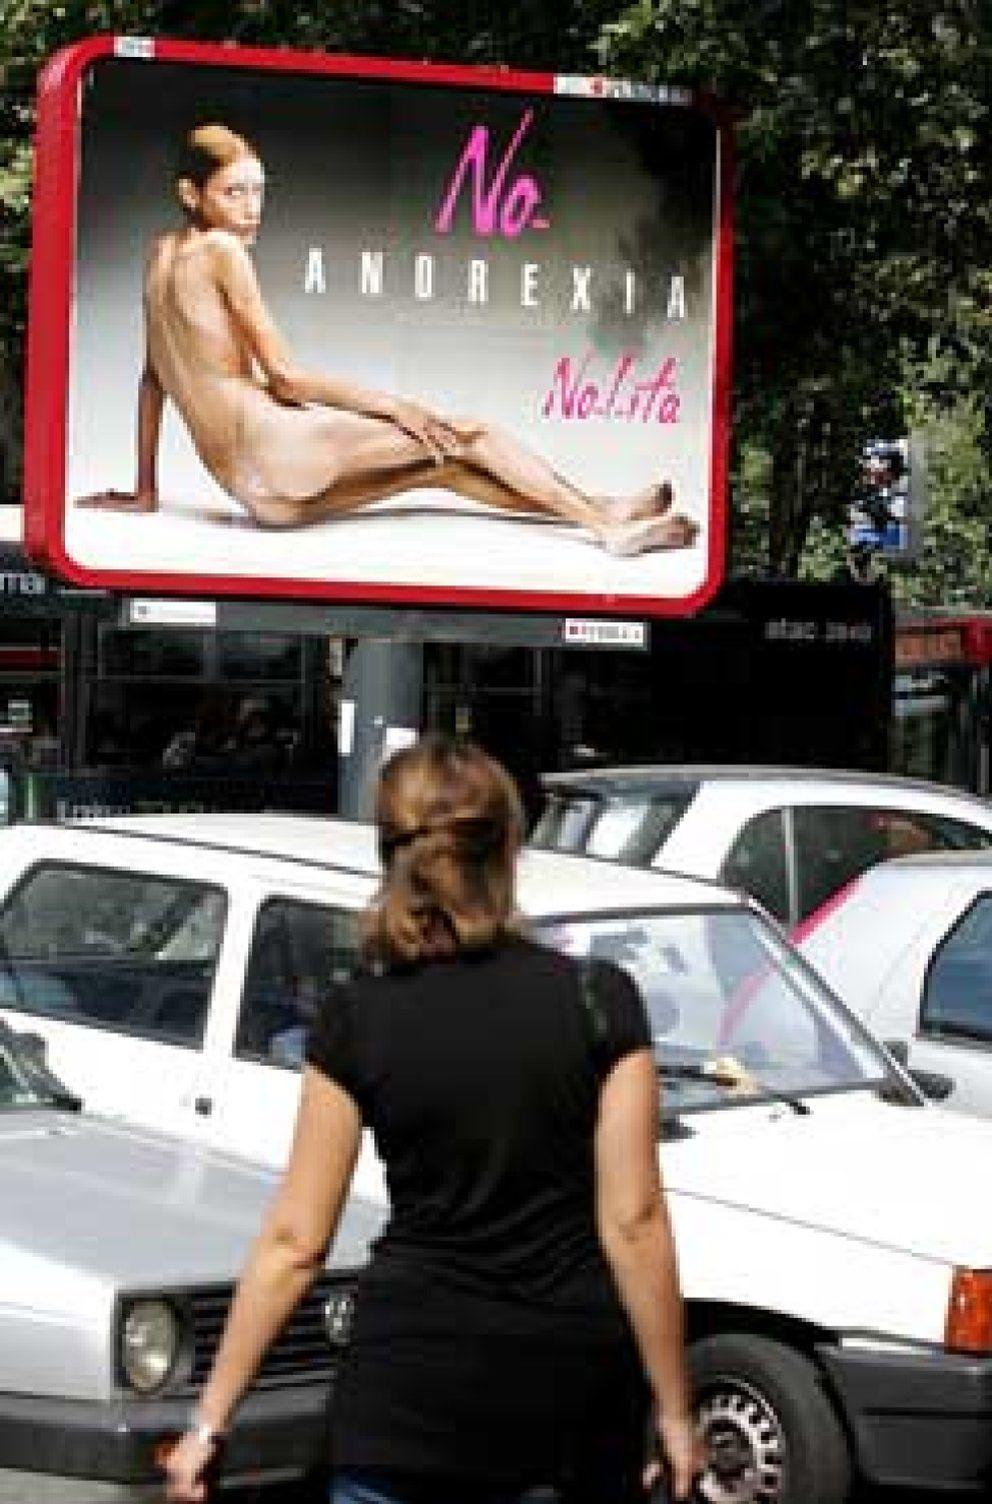 Foto: La anorexia al desnudo